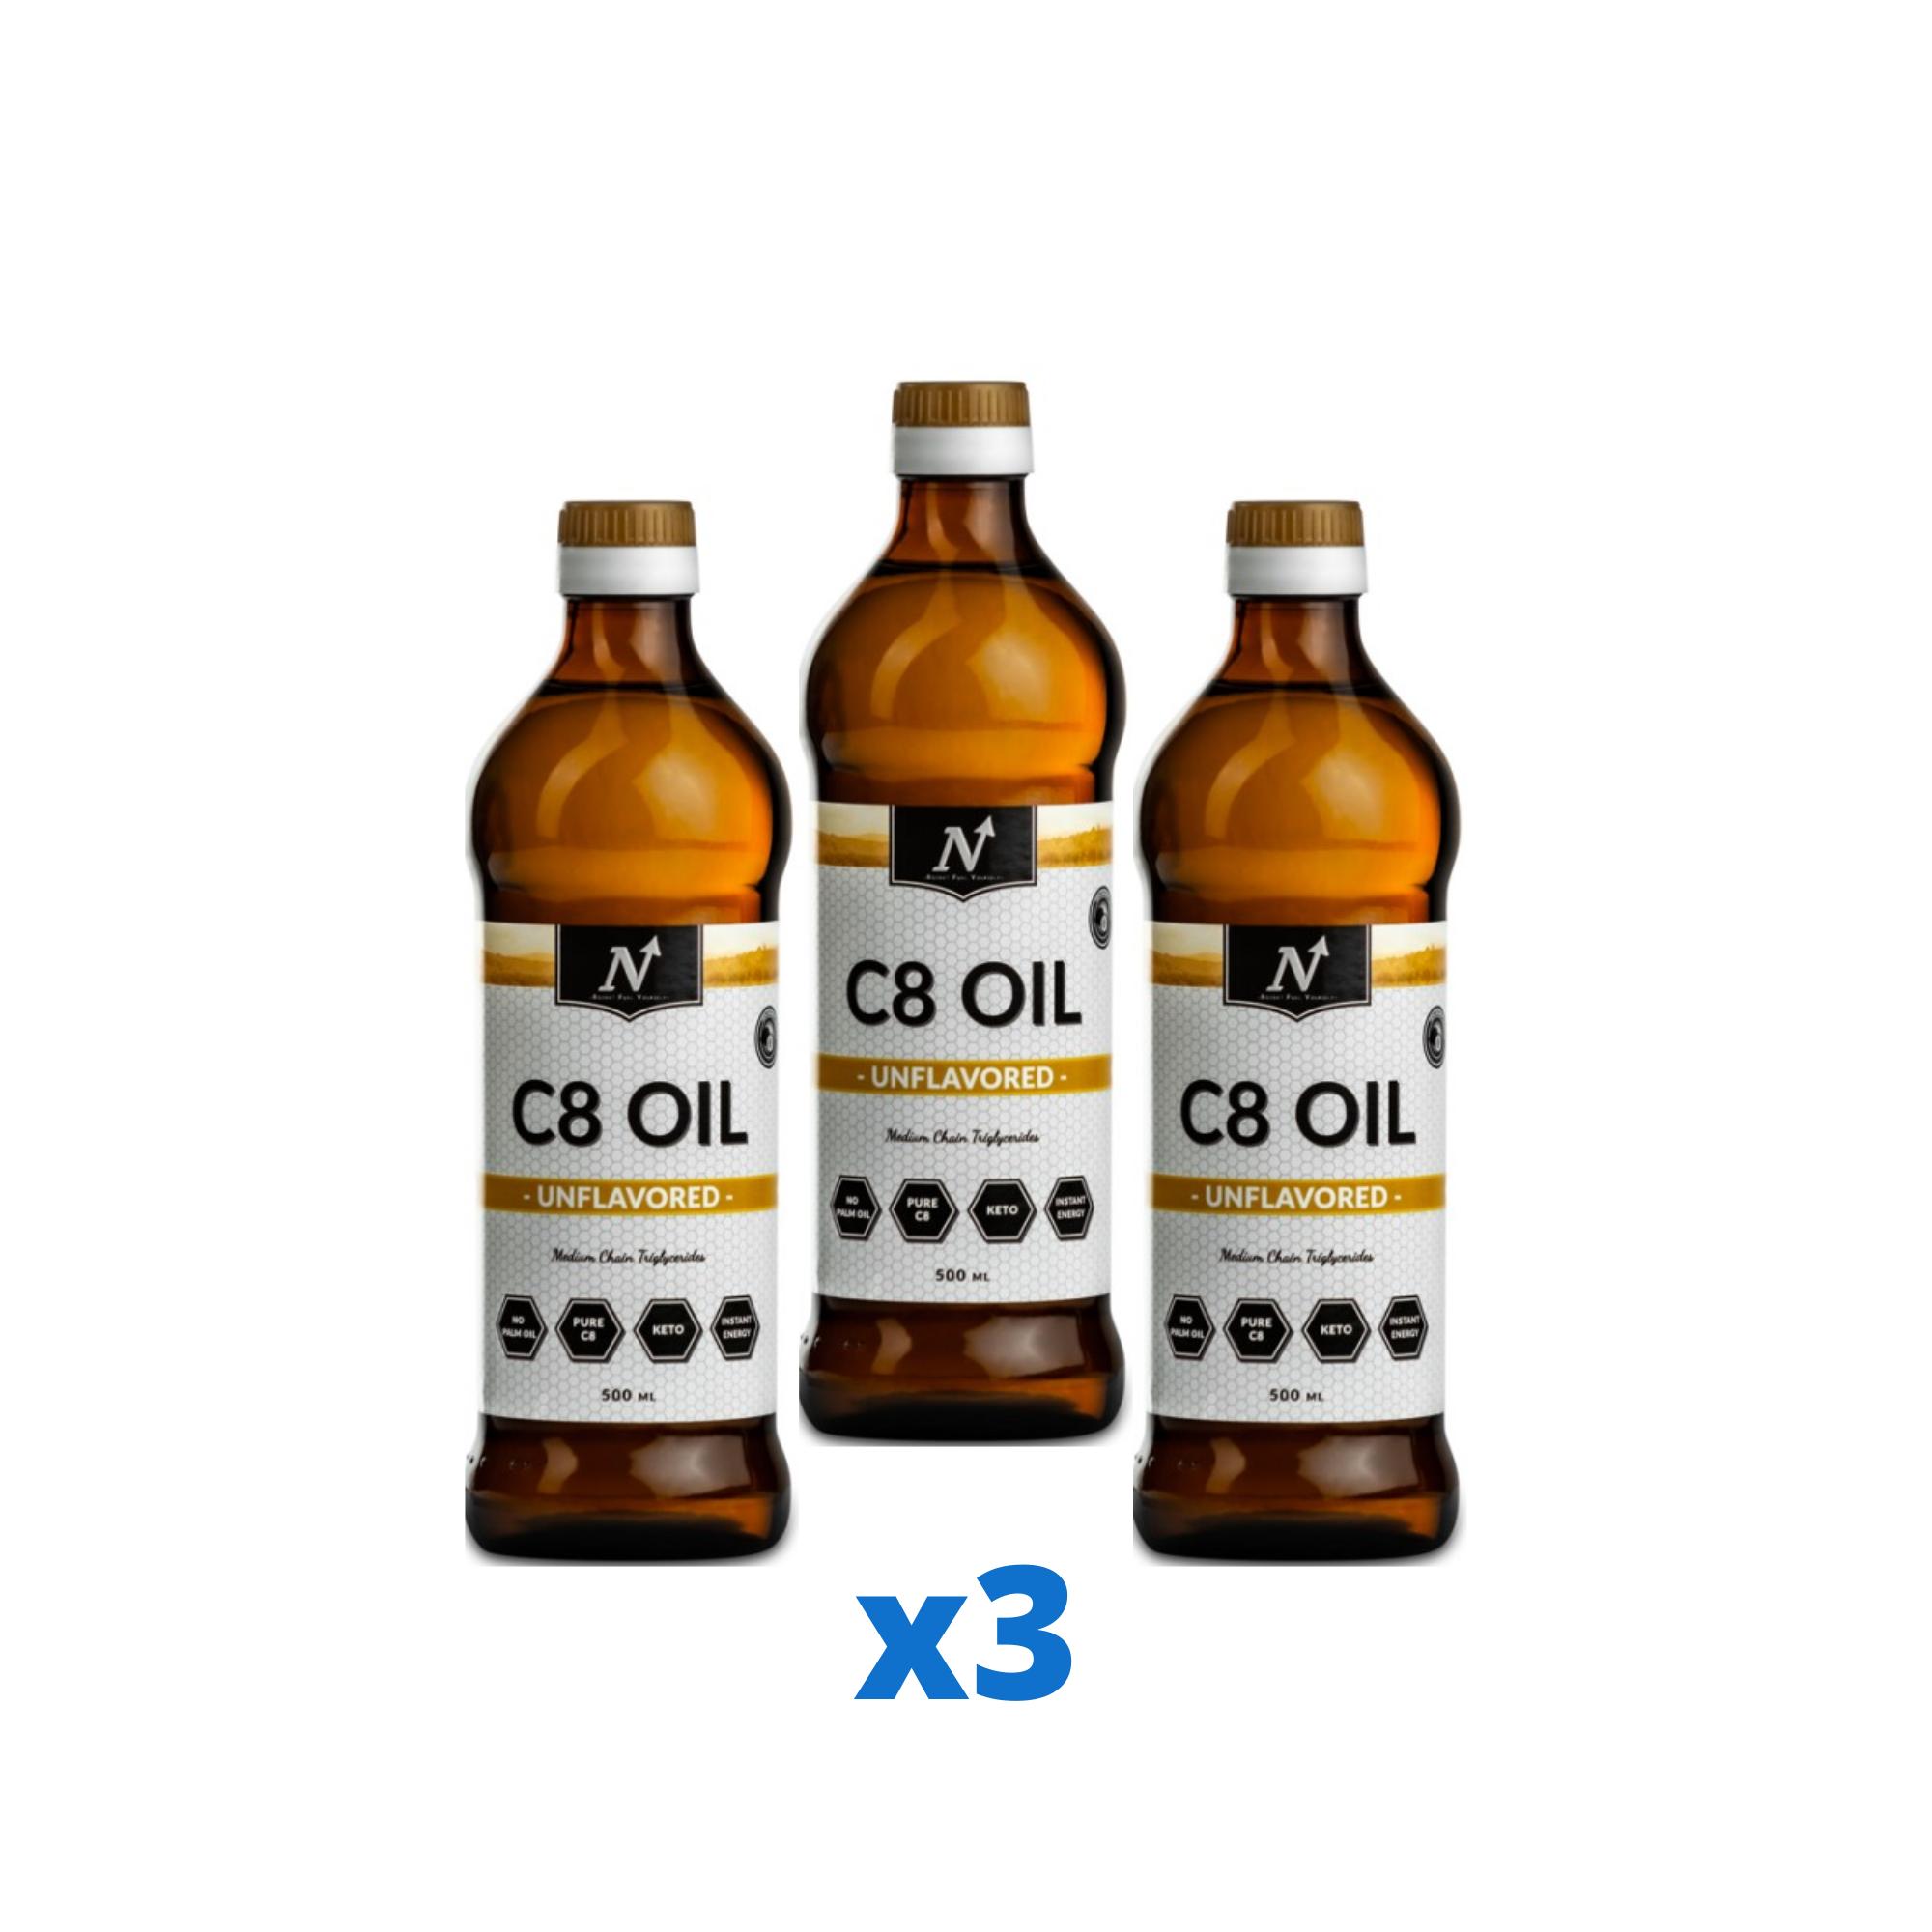 3 x Nyttoteket C8 Oil, 500ml